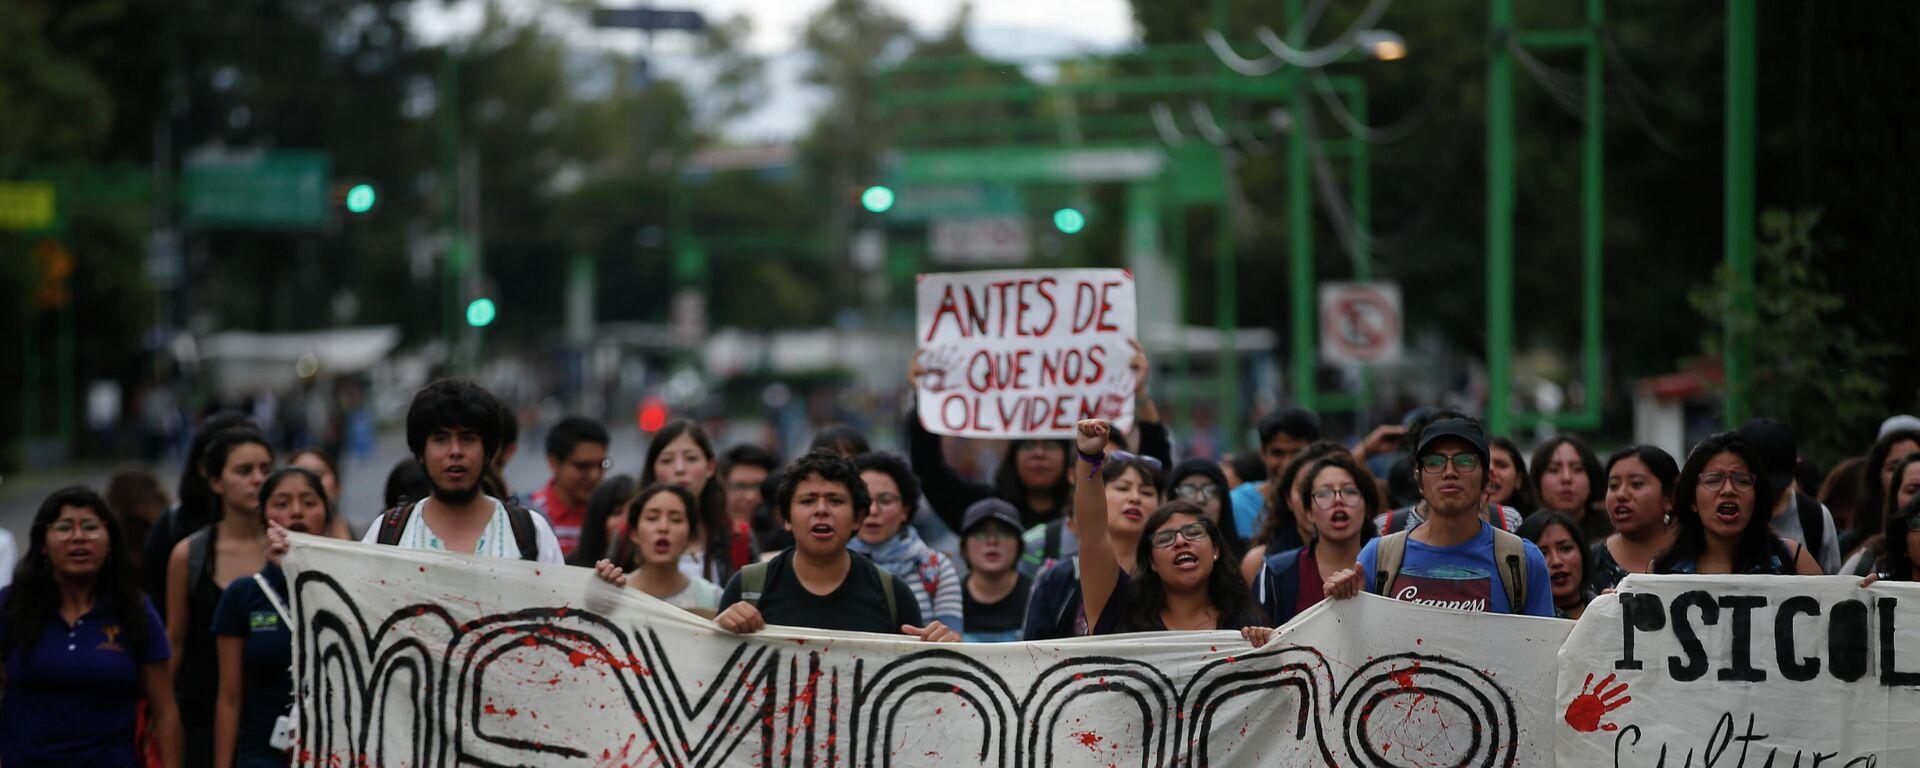 Marcha por el 50 aniversario de la matanza de Tlatelolco - Sputnik Mundo, 1920, 07.10.2021